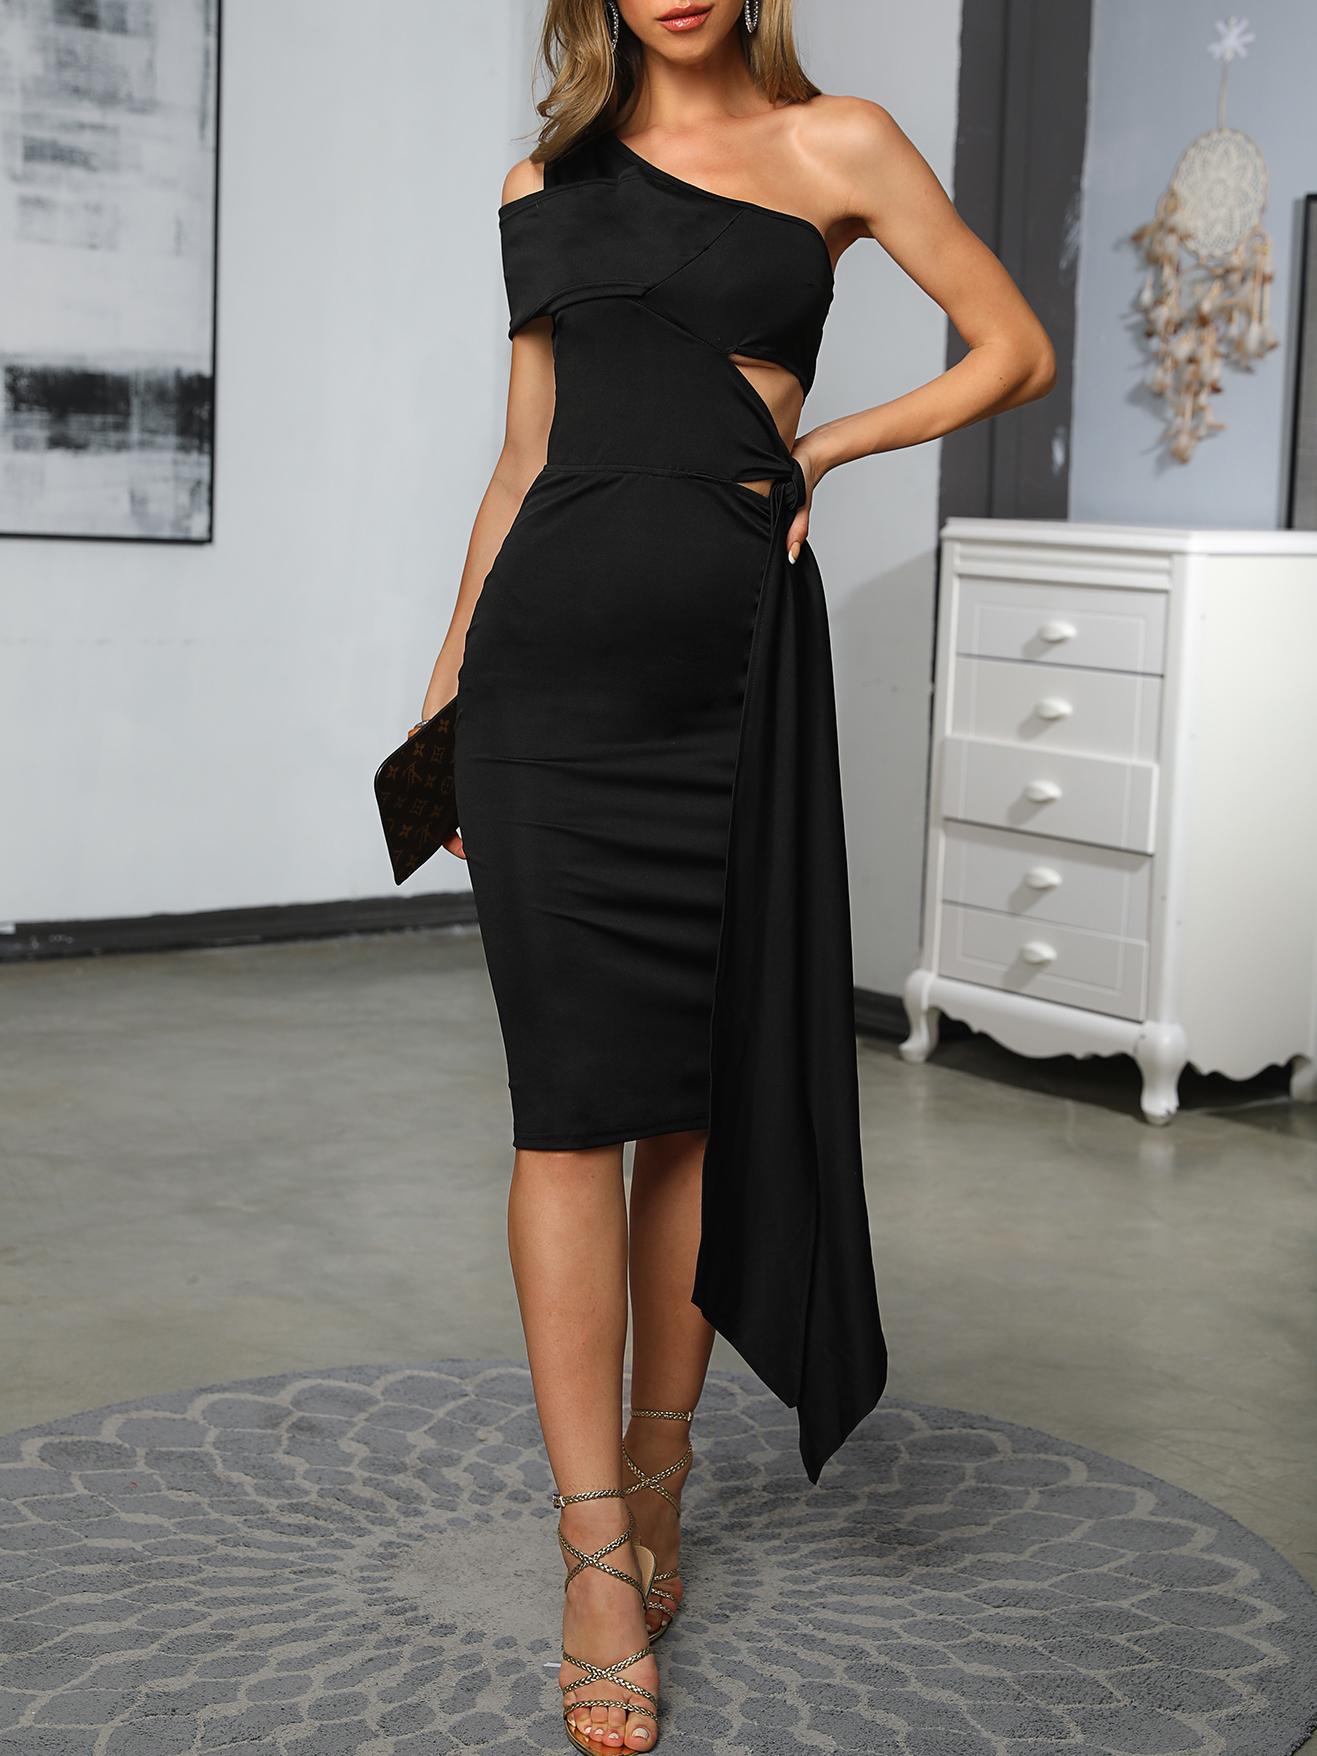 Inclined Shoulder Tied Black Short Sleeve Dress